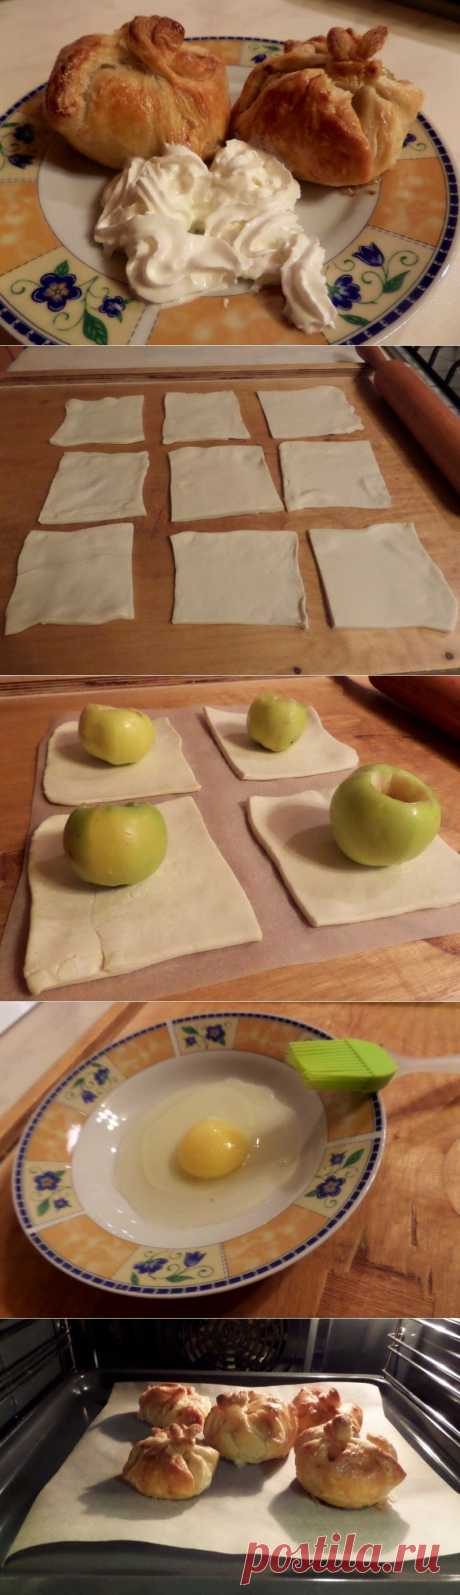 Яблоки «в мешочке». Вам понадобится: 1. Яблоки — 12 штук небольших (идеально подойдут не кислые сорта домашних яблок 2. Слоеное тесто (1 упаковка) 3. Мед — 4 стол. ложки 4. Корица